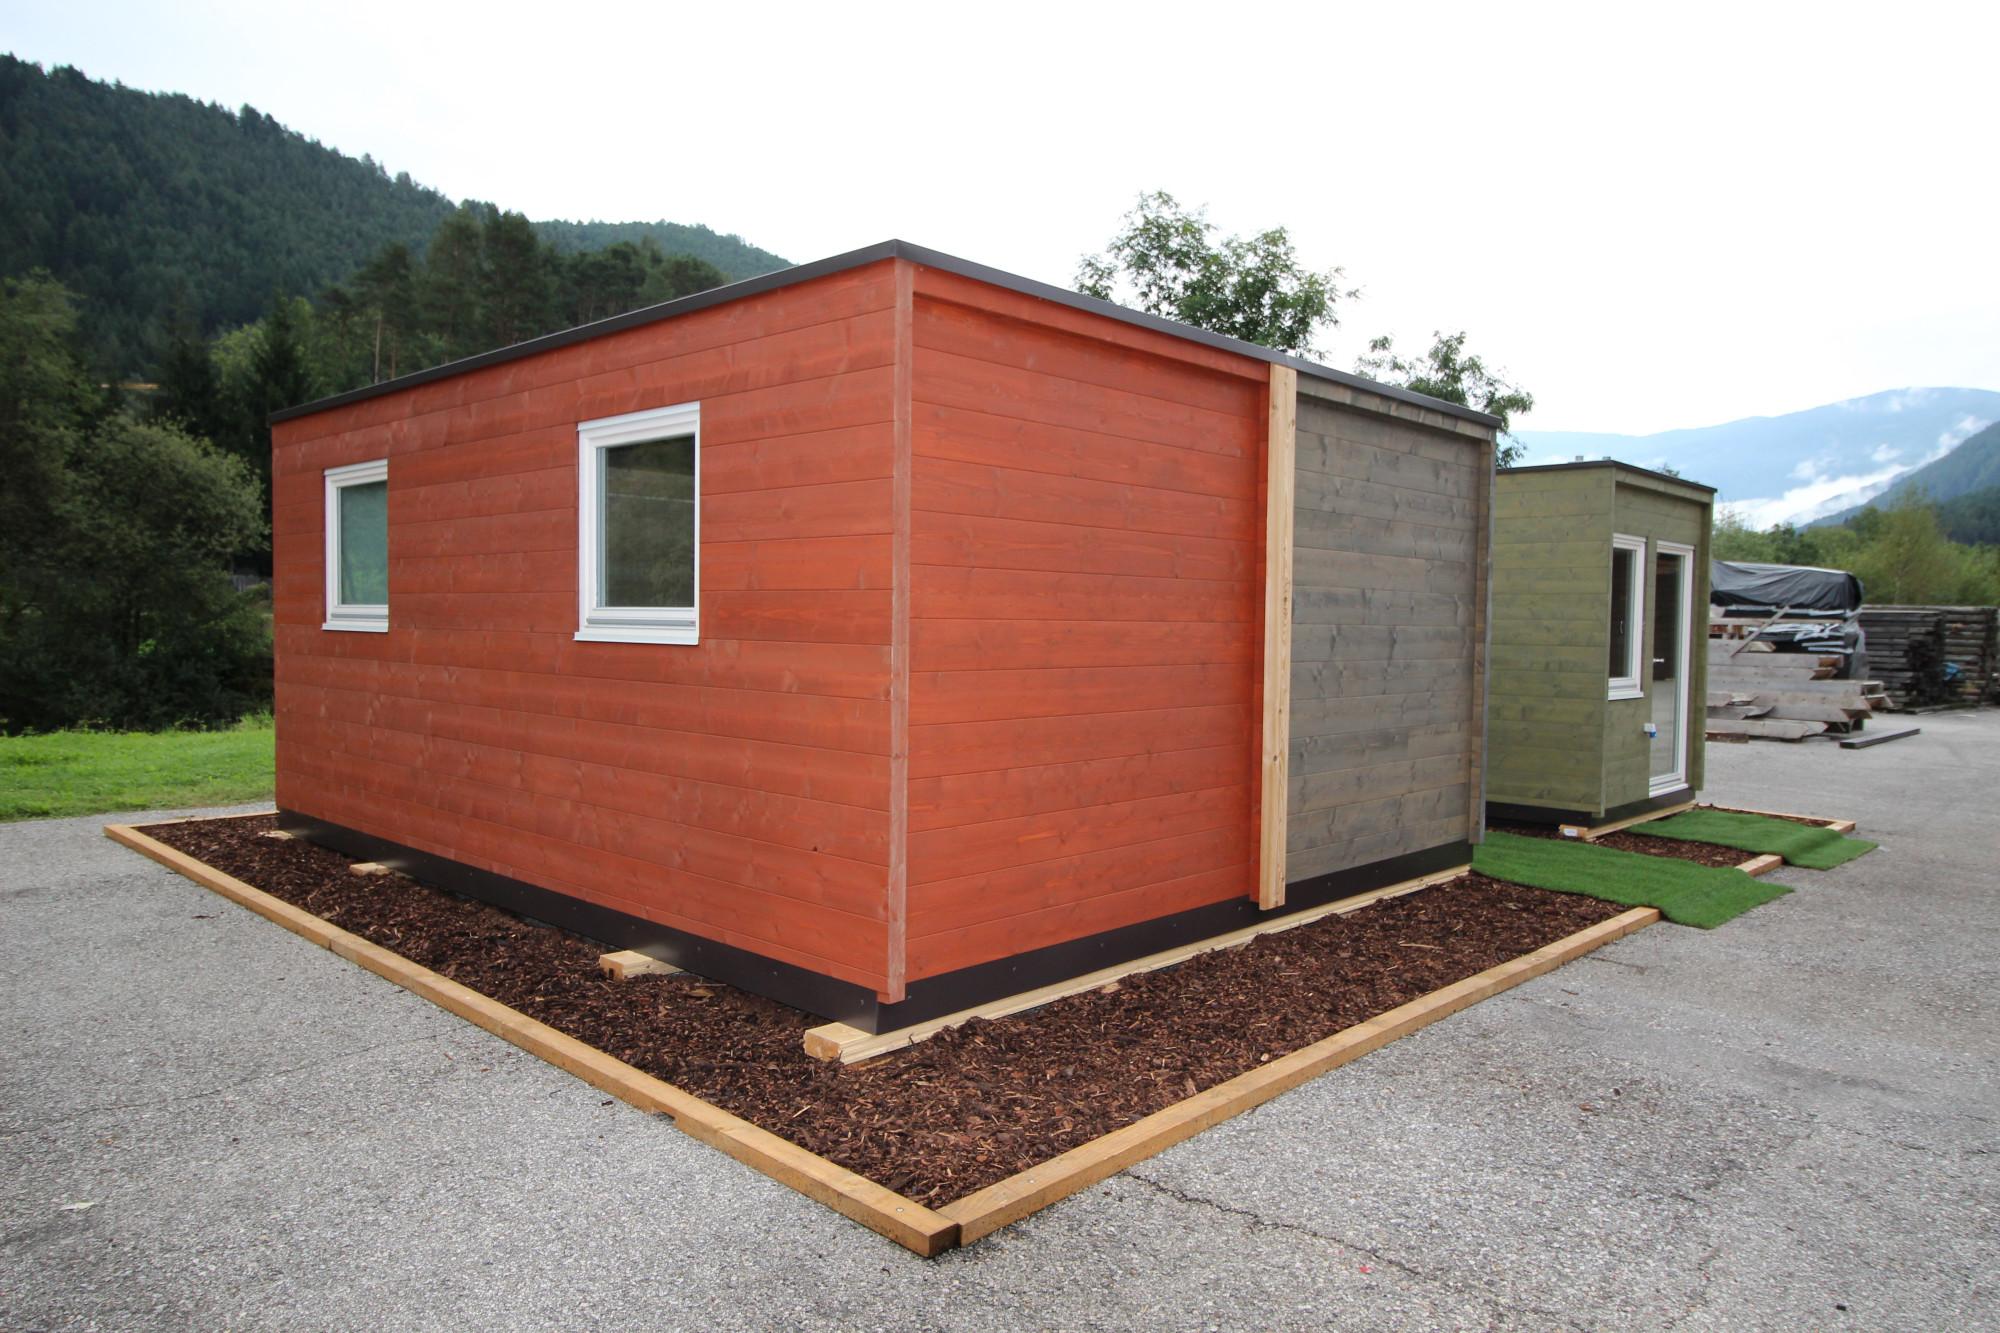 modulare container aus holz gesund bauen news produkte baunetz wissen. Black Bedroom Furniture Sets. Home Design Ideas